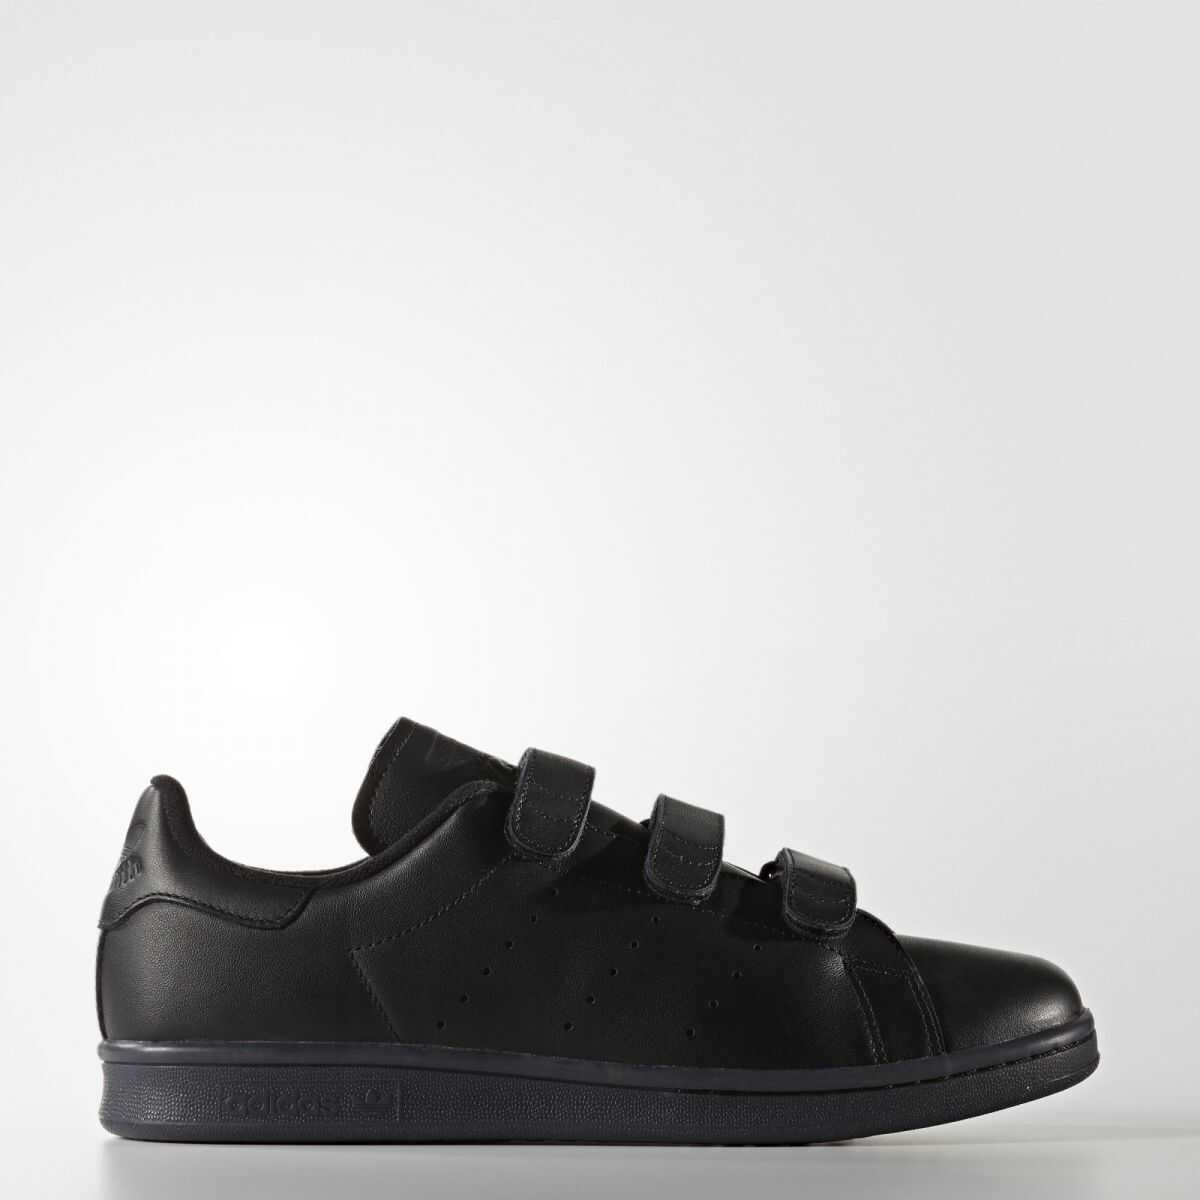 adidas STAN SMITH CF CBLACK/CBLACK/CBLACK